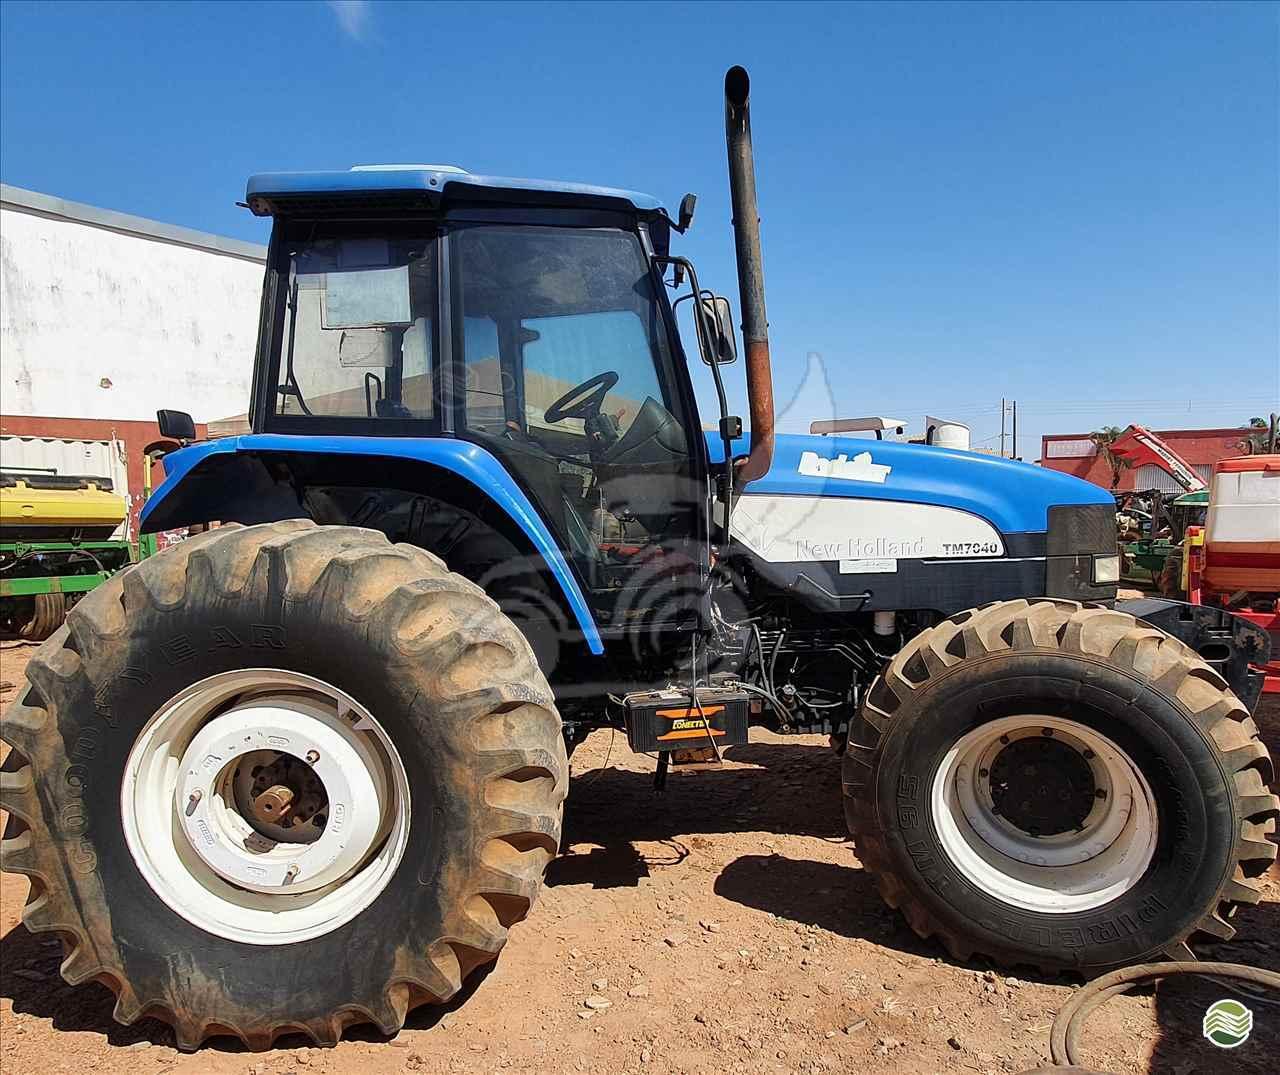 TRATOR NEW HOLLAND NEW TM 7040 Tração 4x4 EP Máquinas e Implementos Agrícolas CRISTALINA GOIAS GO